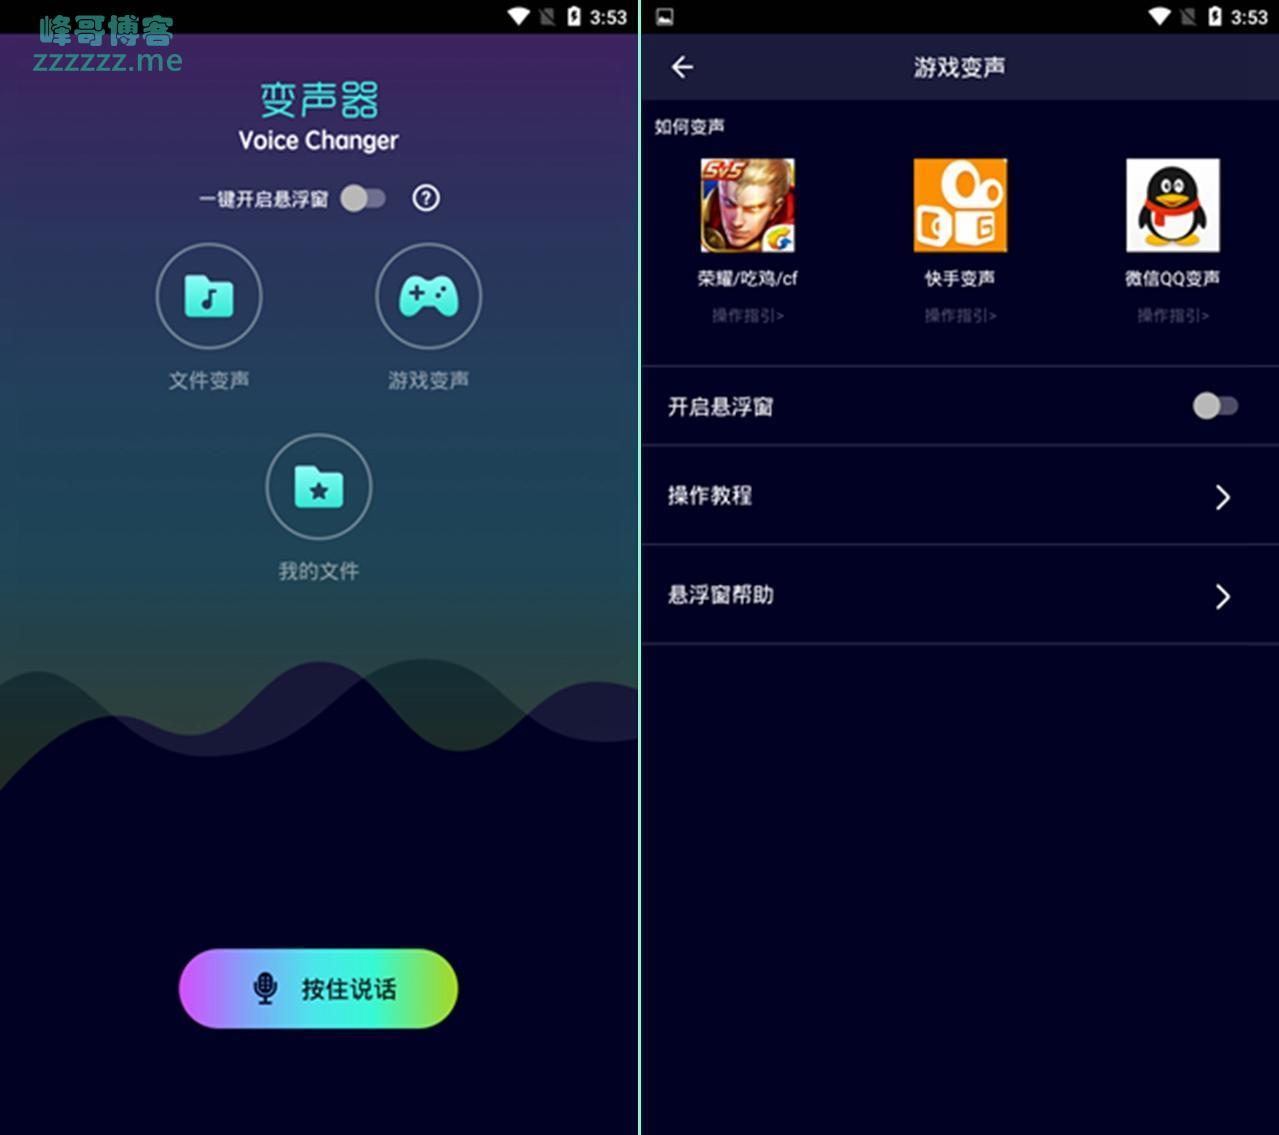 安卓全能变声器 最新永久VIP会员破解版 支持微信QQ王者荣耀等游戏变声!